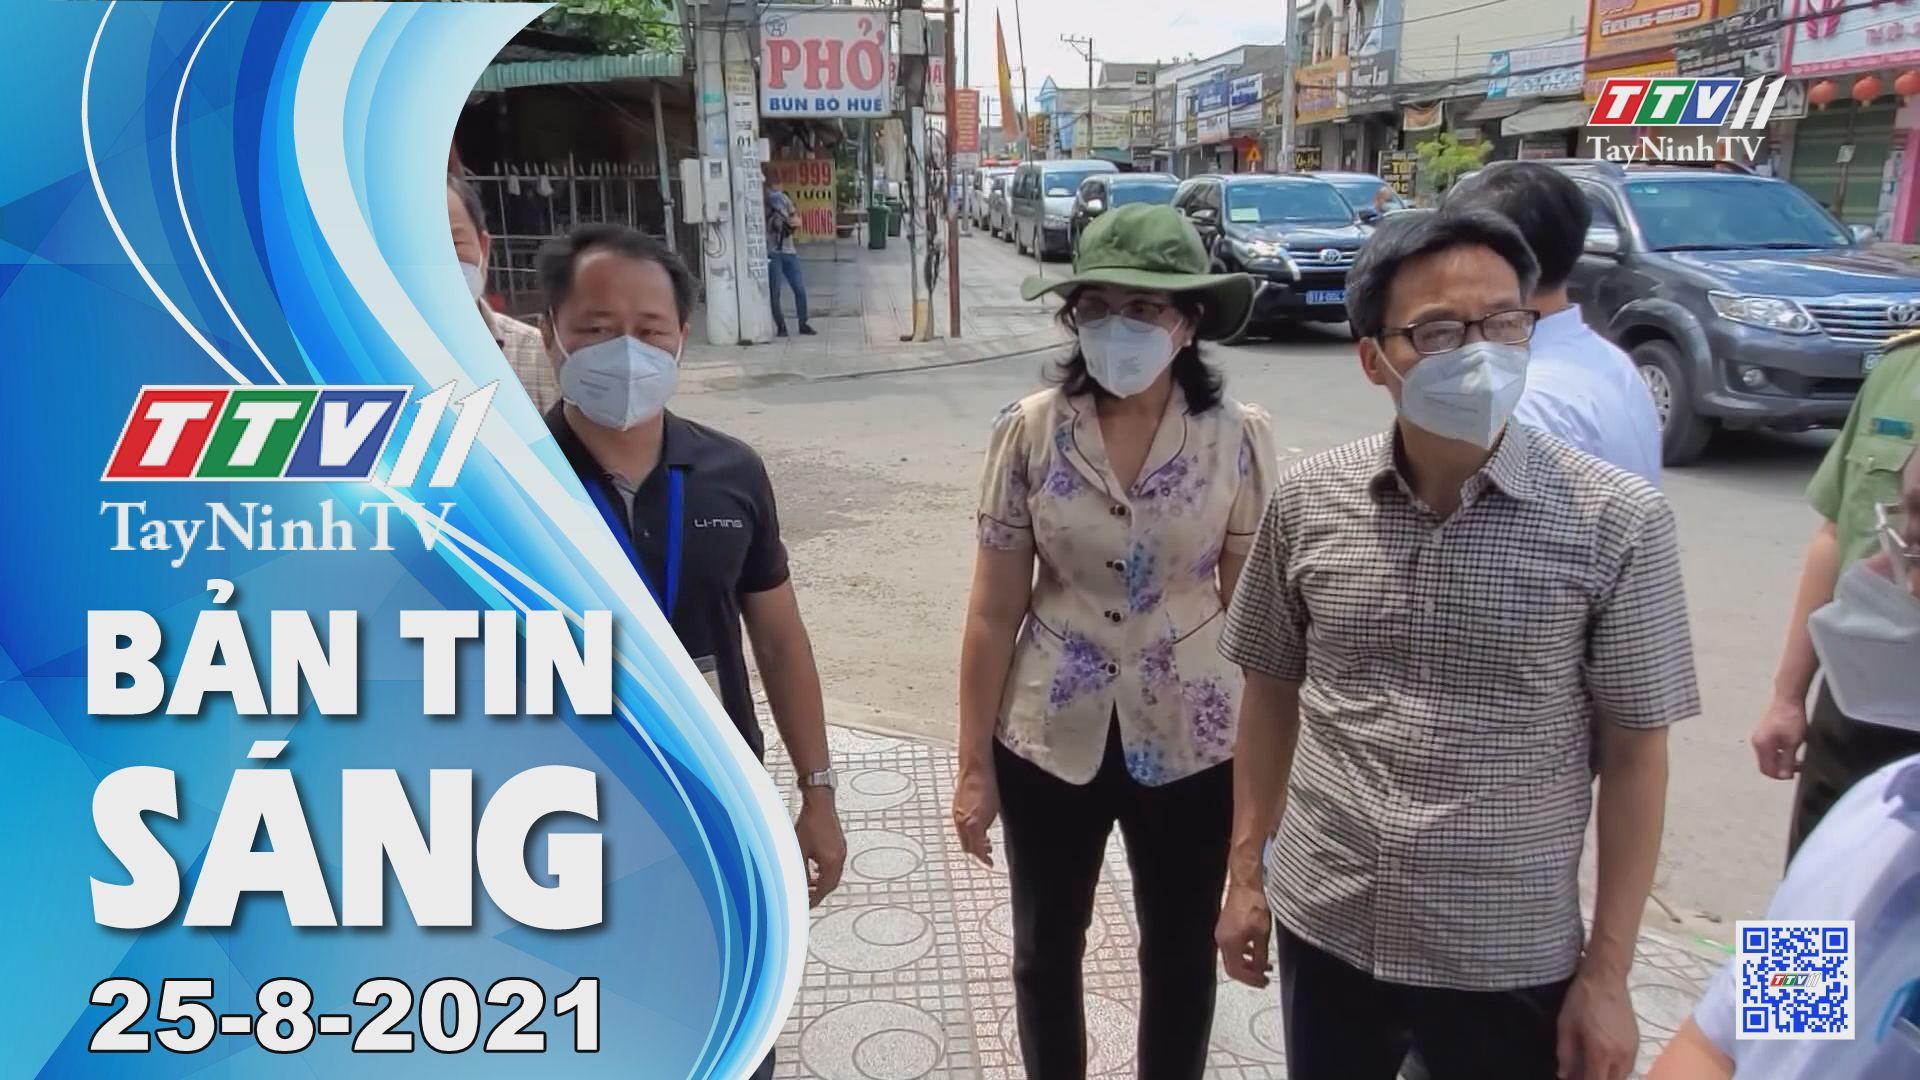 Bản tin sáng 25-8-2021 | Tin tức hôm nay | TayNinhTV